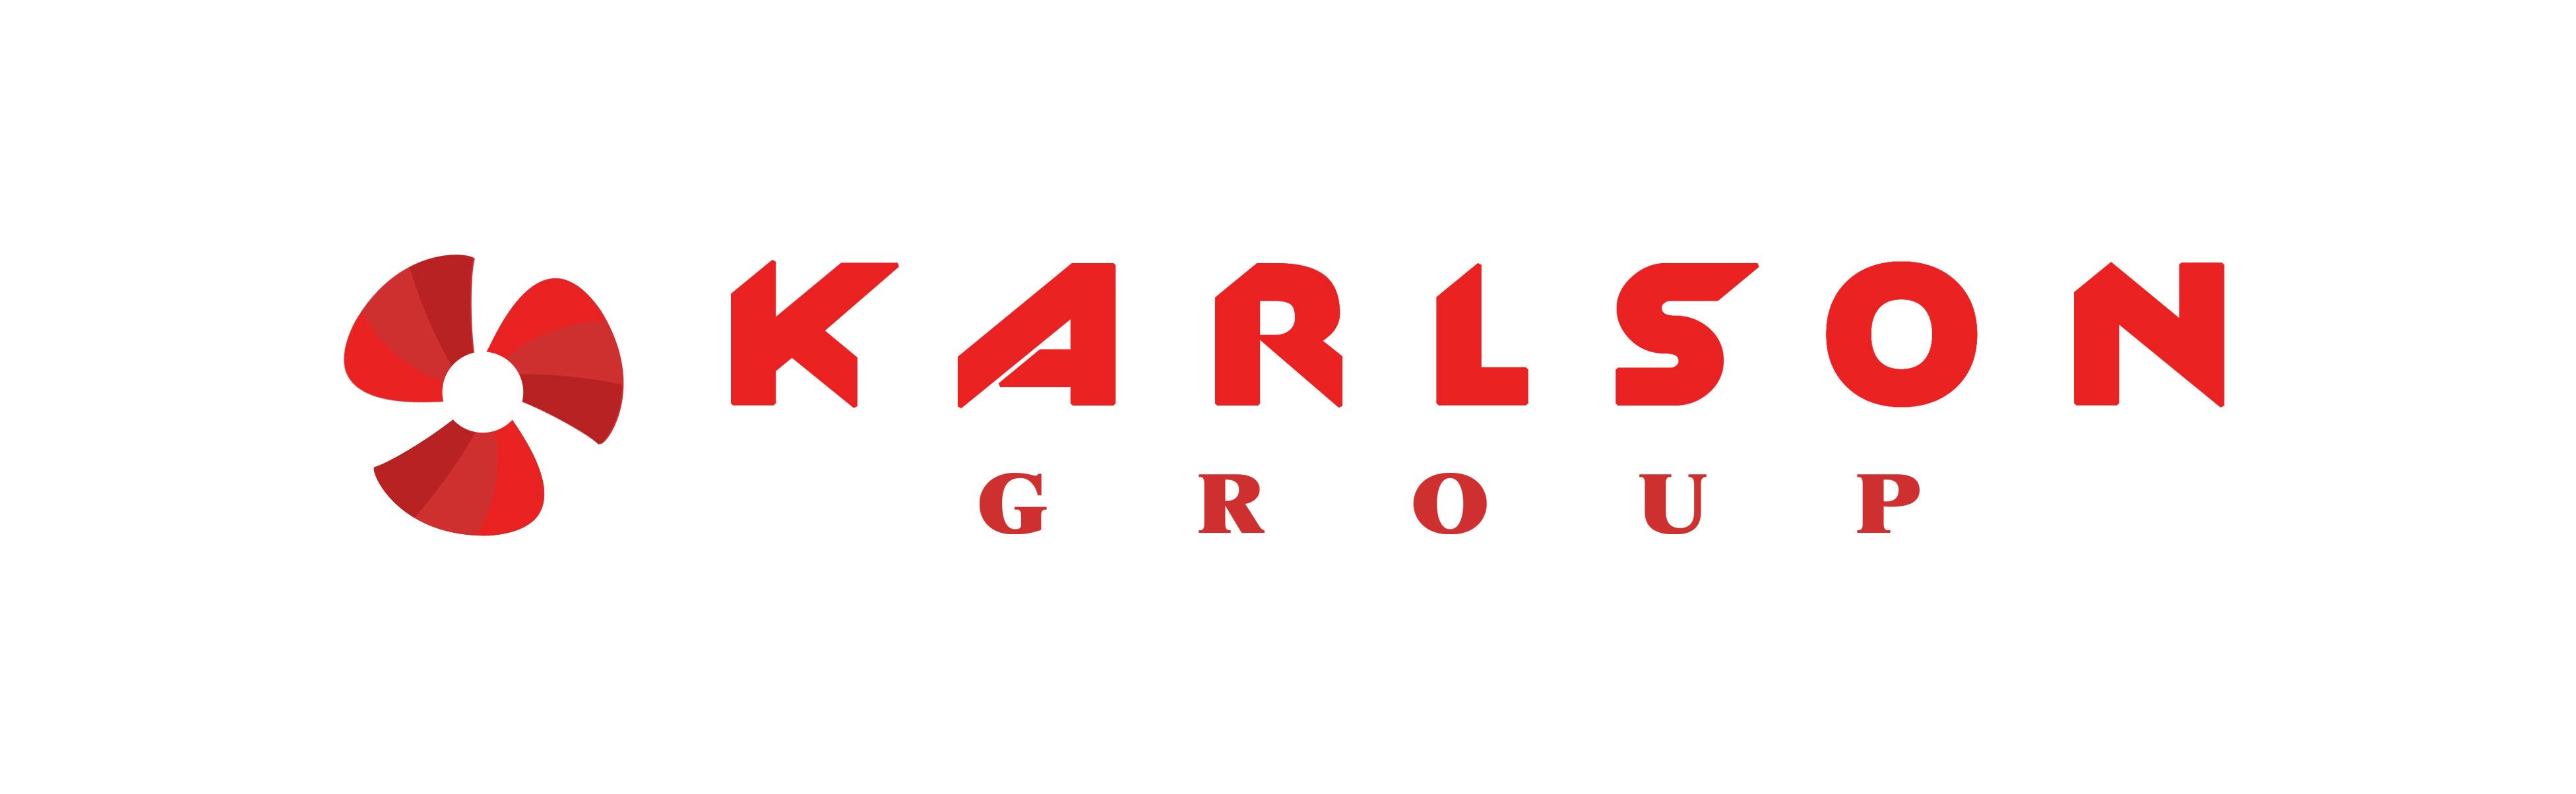 Придумать классный логотип фото f_416598585c3531bf.jpg